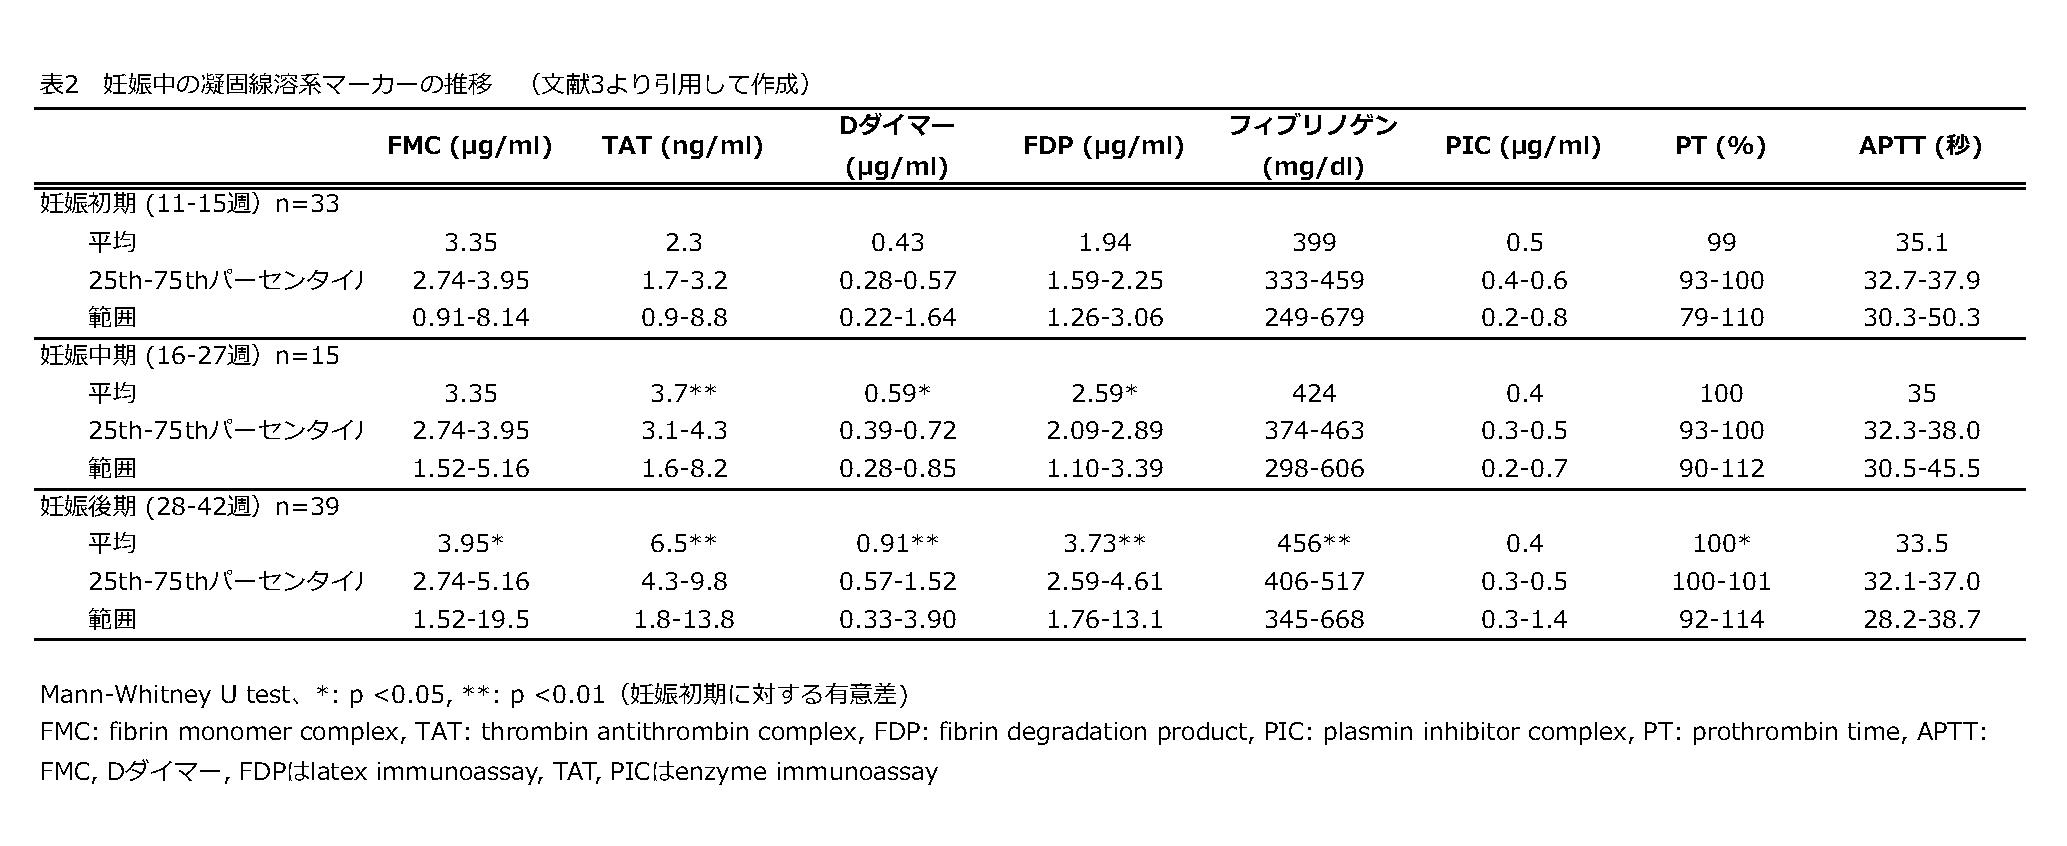 表2 妊娠中の凝固線溶系マーカーの推移 (文献3より引用して作成)